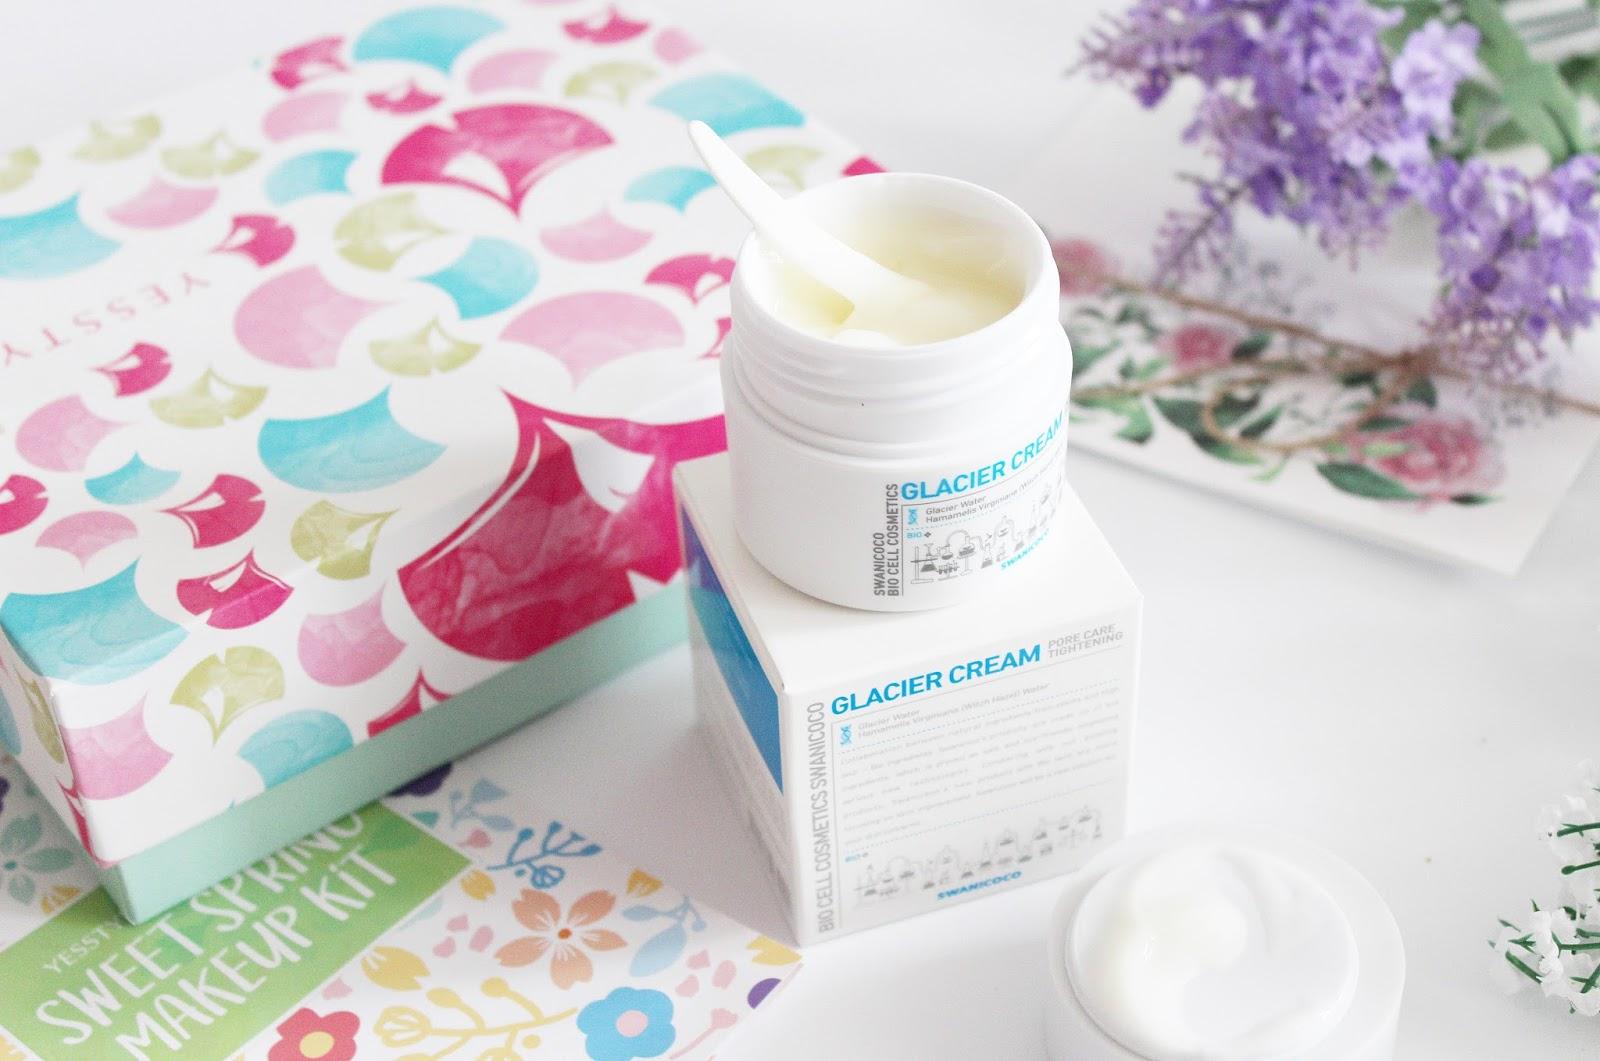 Swanicoco, Pore Care Tightening Glacier Cream